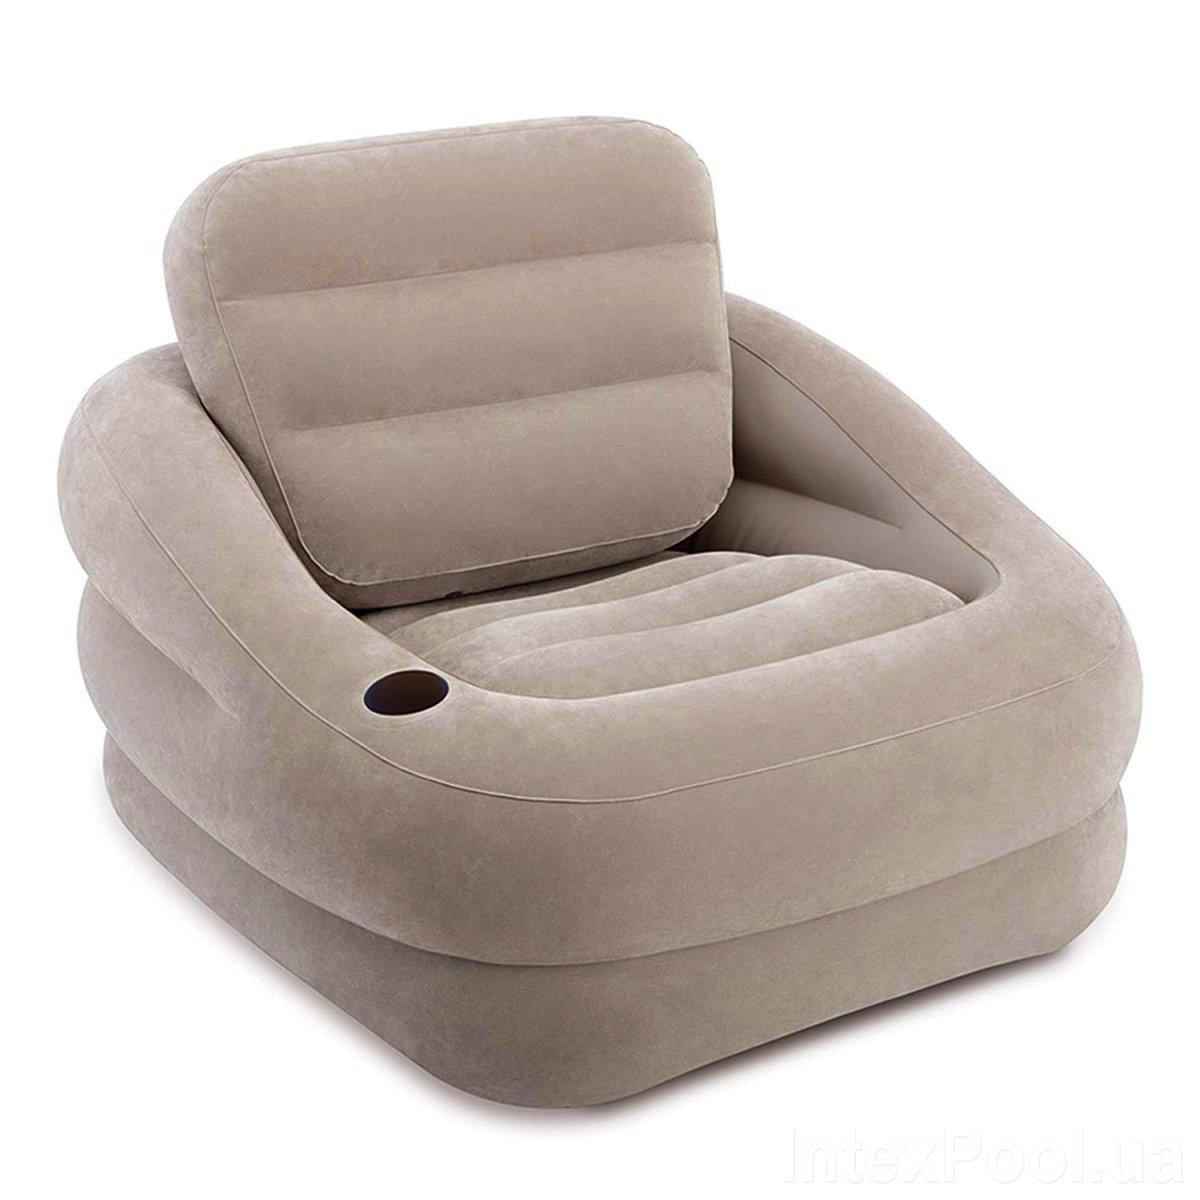 """Надувное кресло Intex 68587 """"Accent Chair - Серое"""" 97х107х71см с подстаканником"""